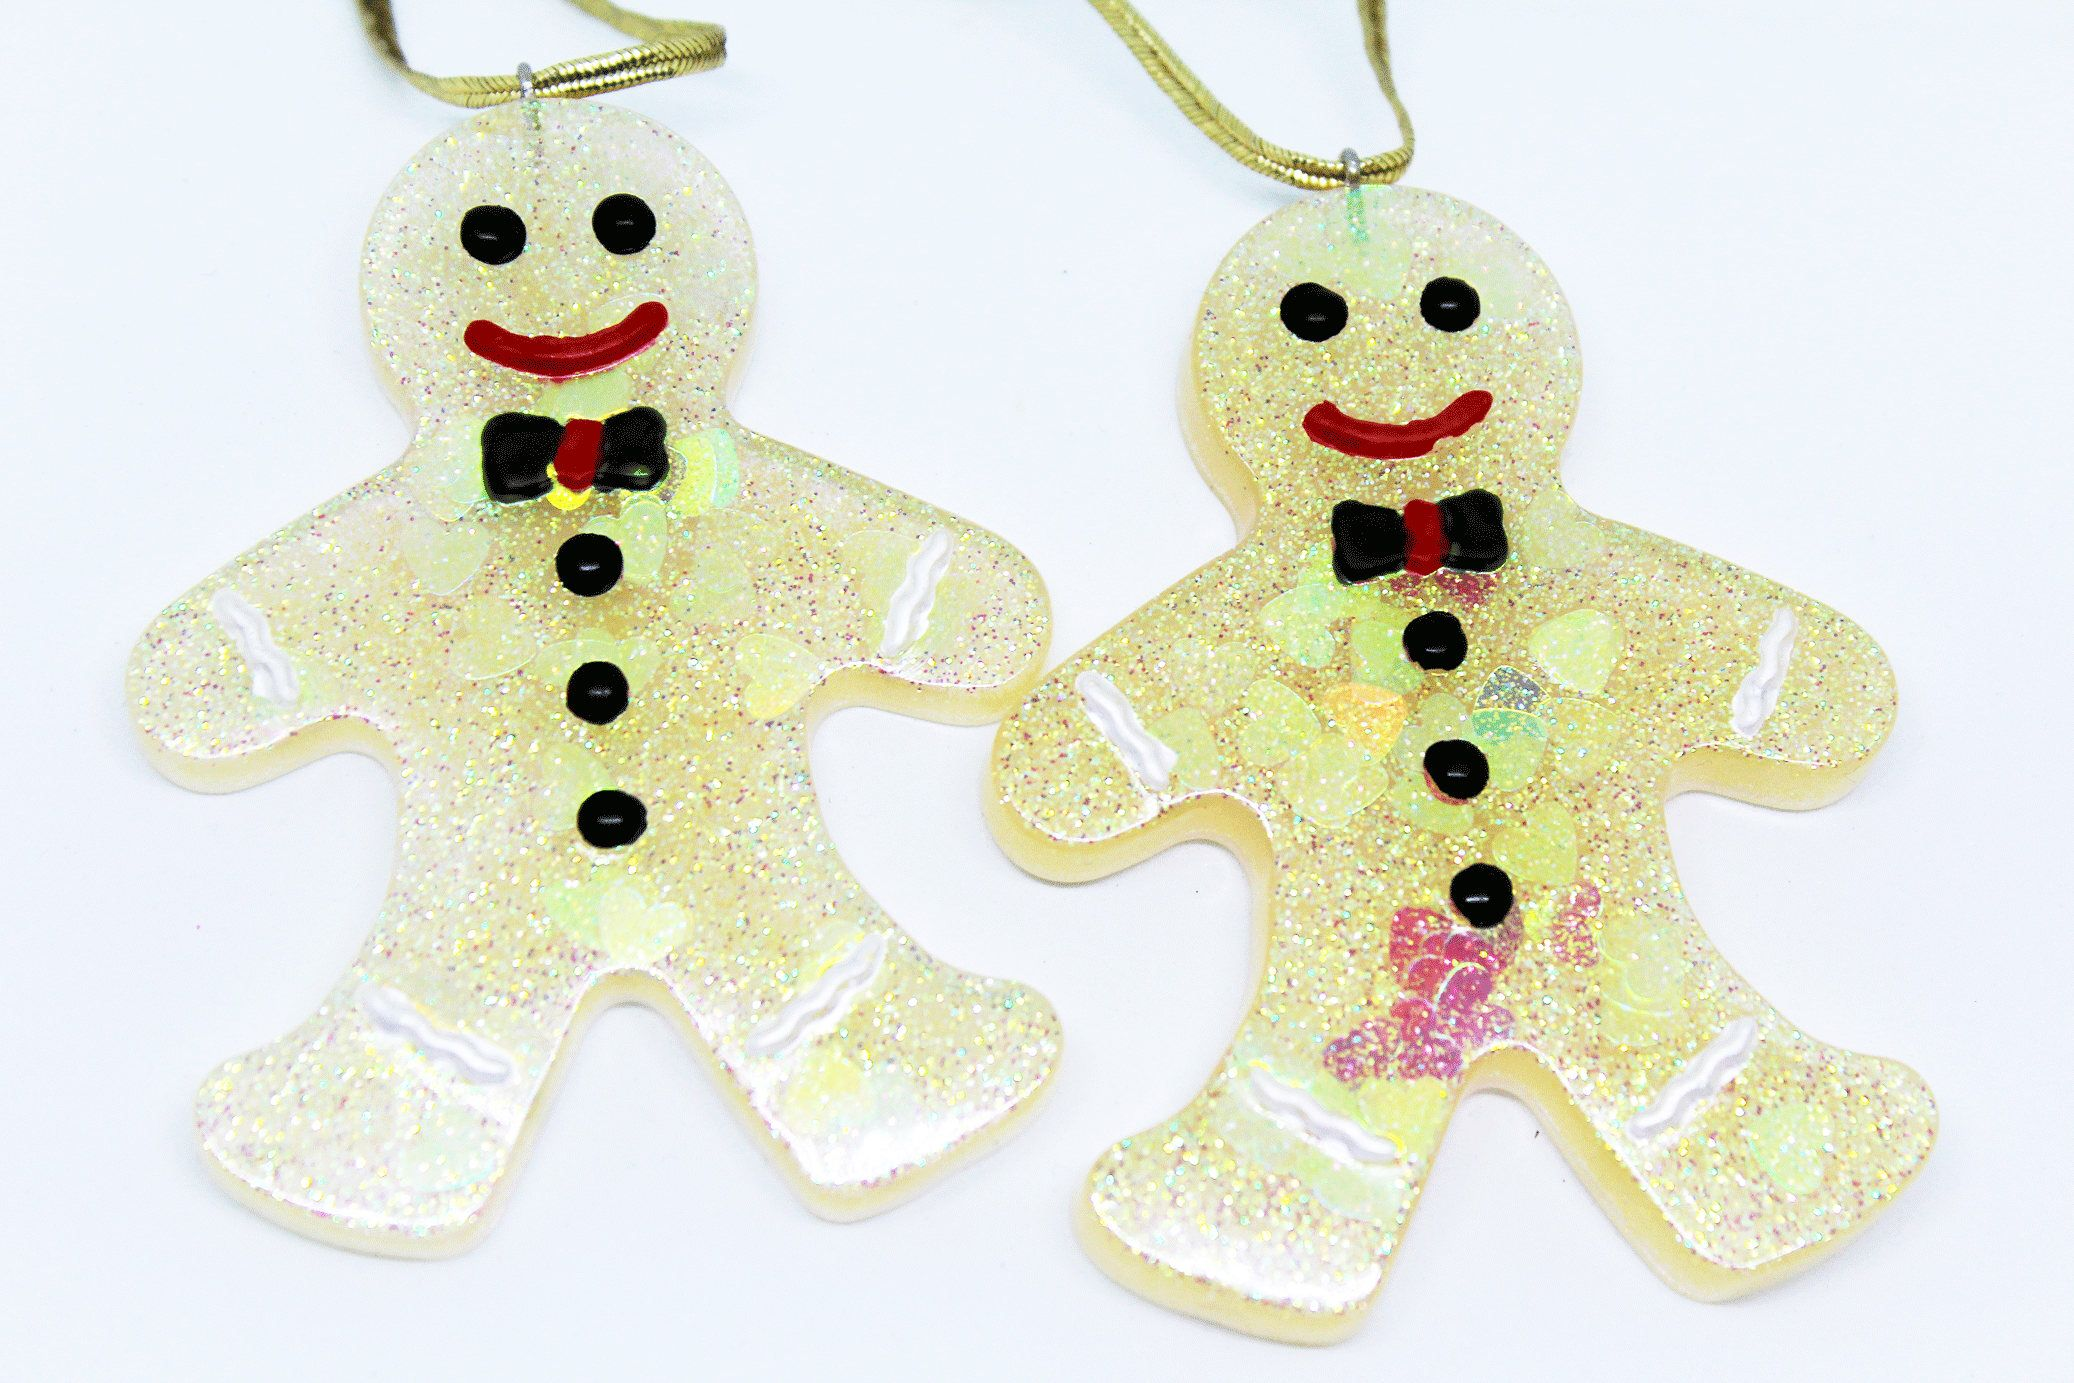 Glitter Gingerbread Men Decorations Etsy shop https://www ...